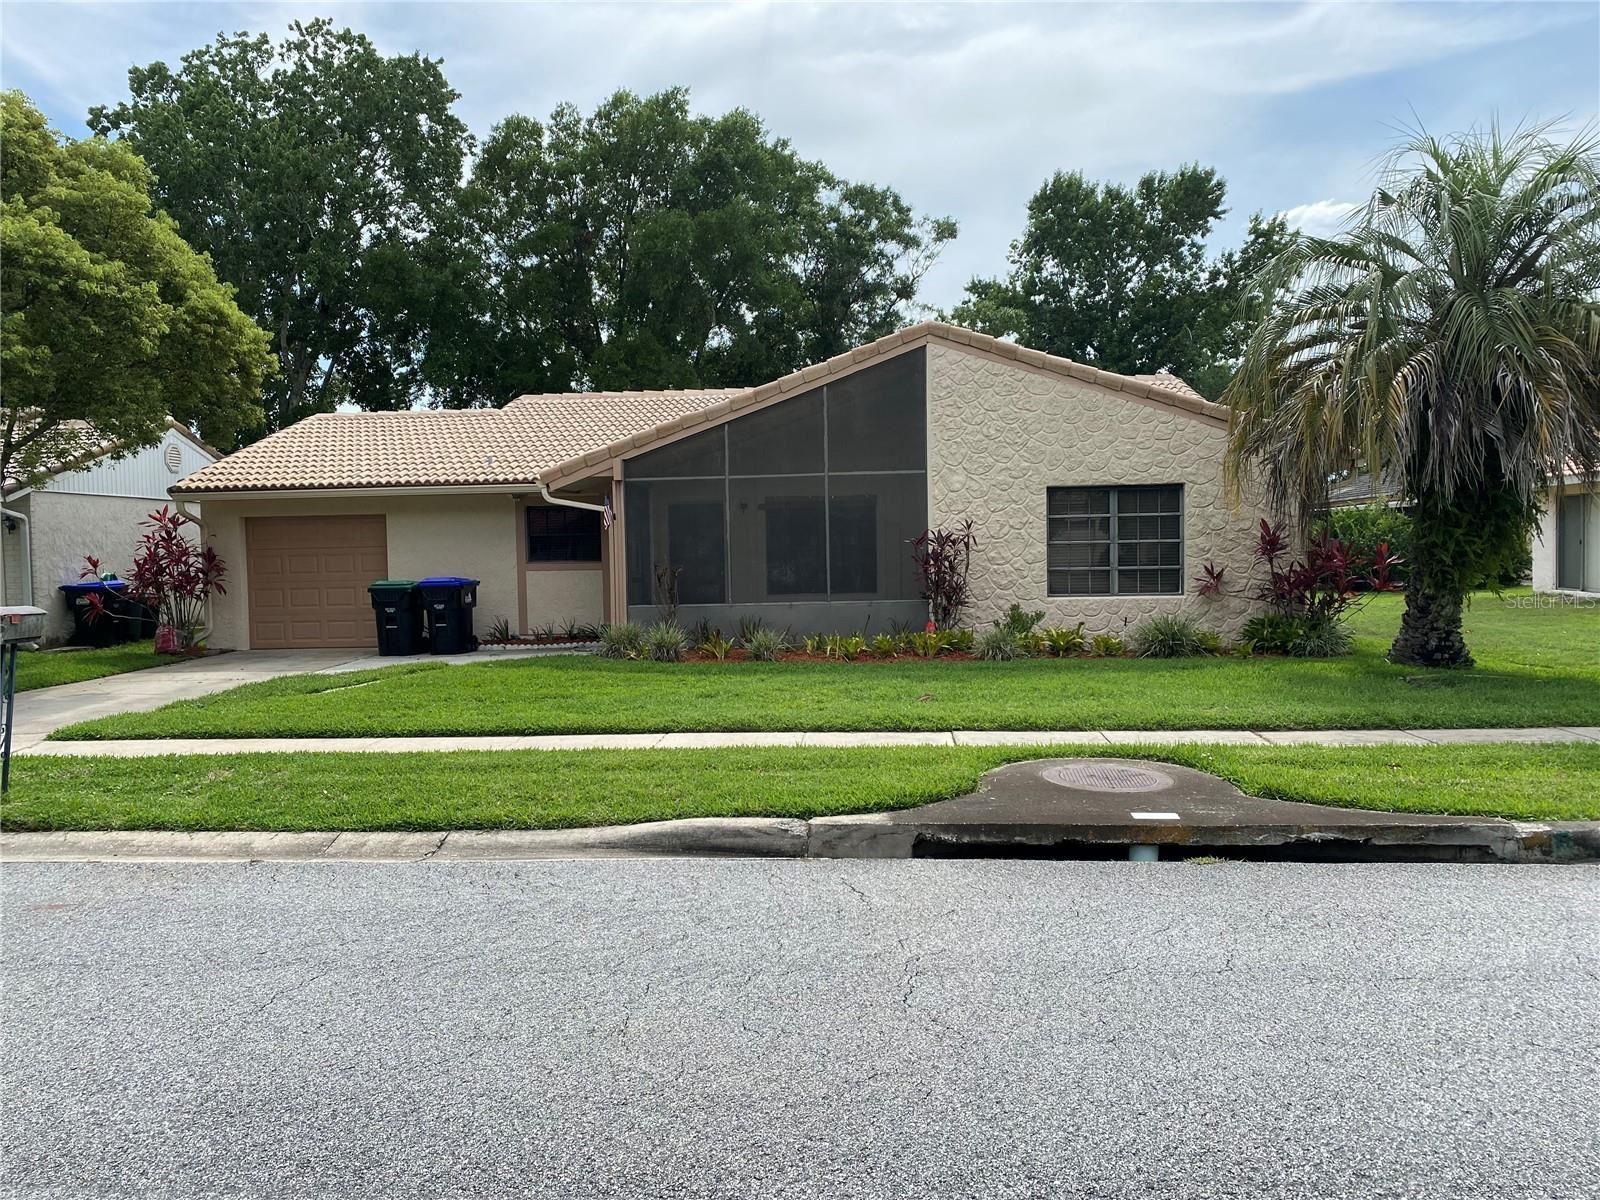 10424 MANASSAS CIRCLE, Orlando, FL 32821 - #: O5954140